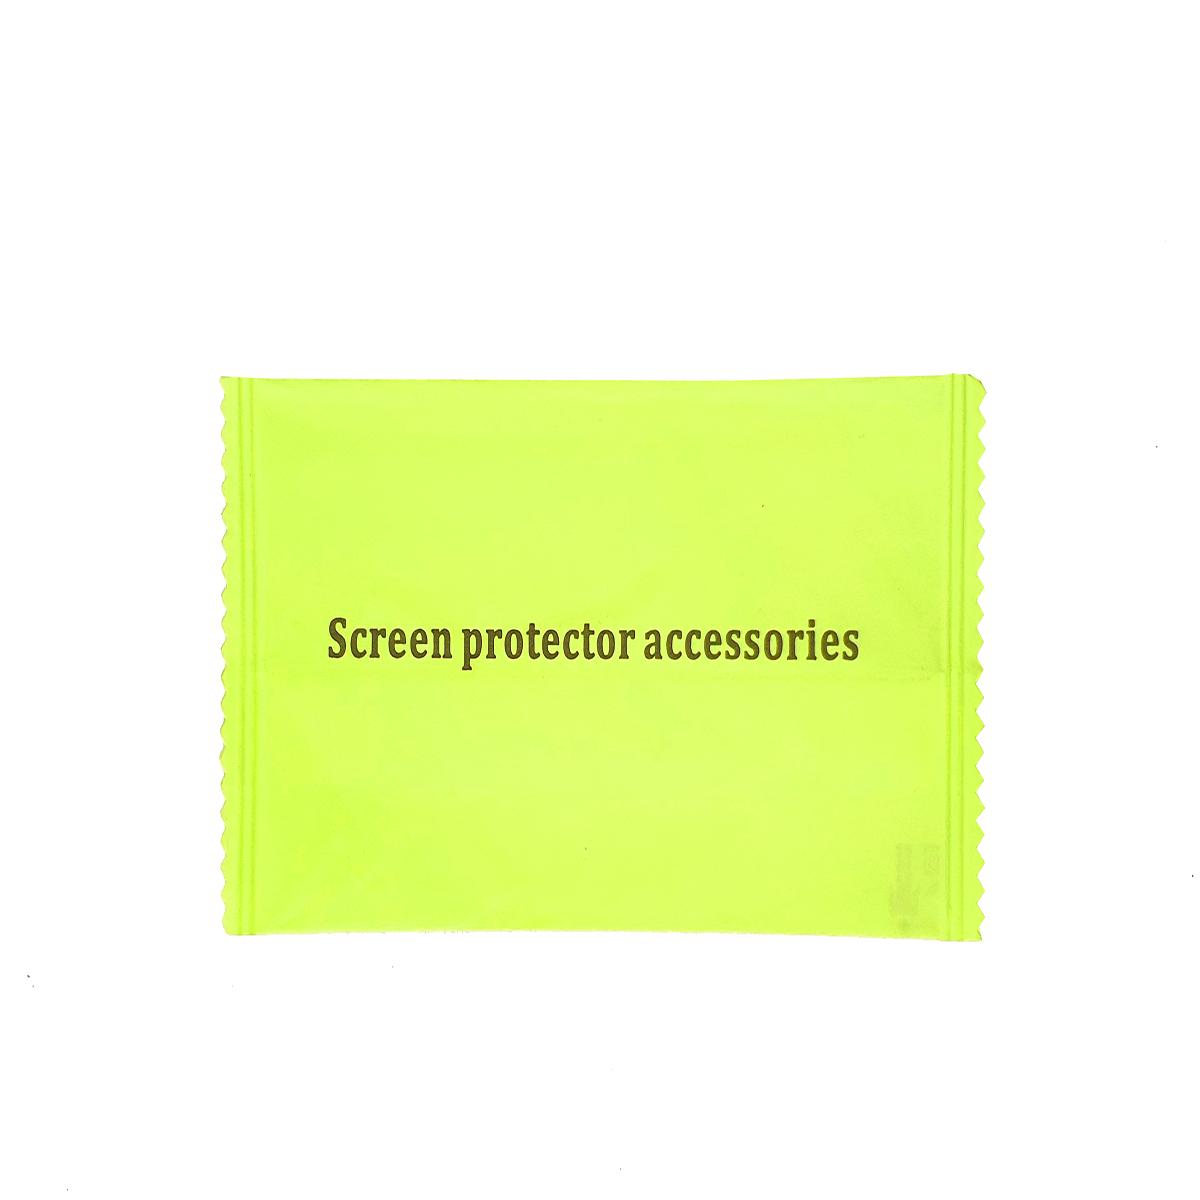 محافظ صفحه نمایش سرامیکی مدل FLCRG01mo مناسب برای گوشی موبایل اپل iPhone XR main 1 1